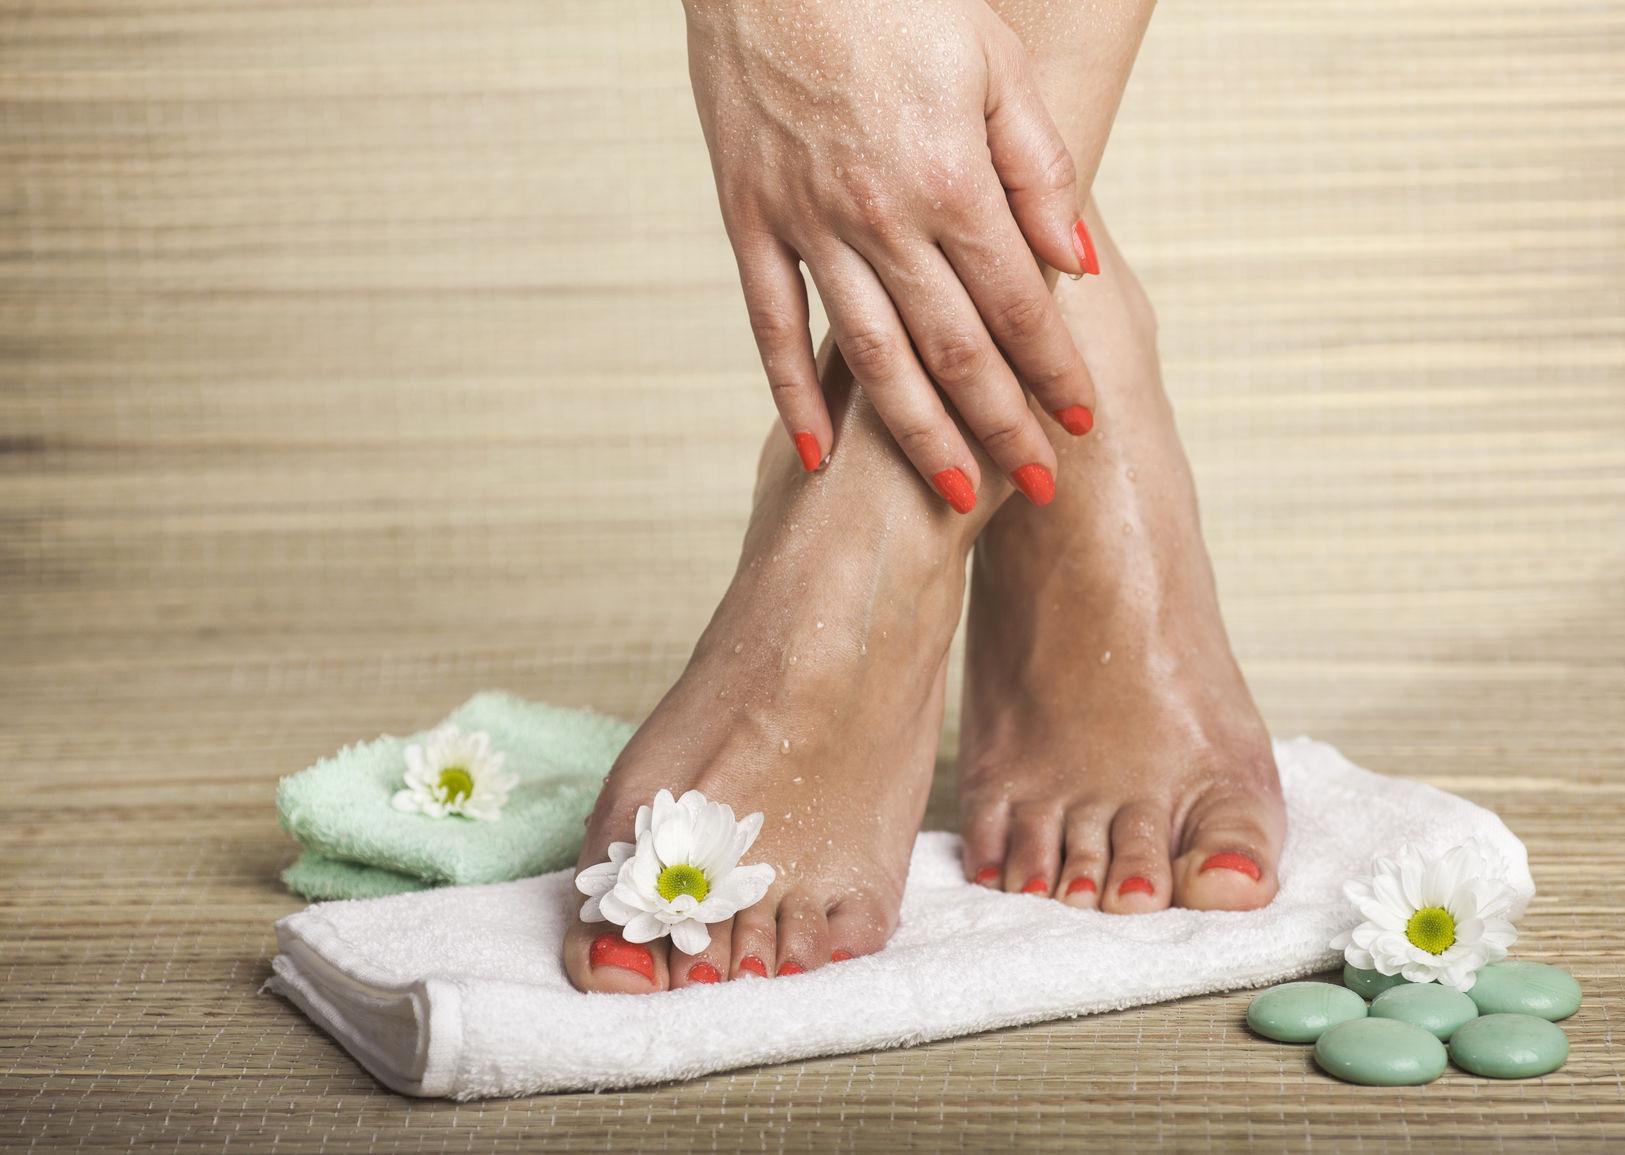 Crucearosies1 deget tratarea artritei în durere extensivă a genunchiului ligamentului